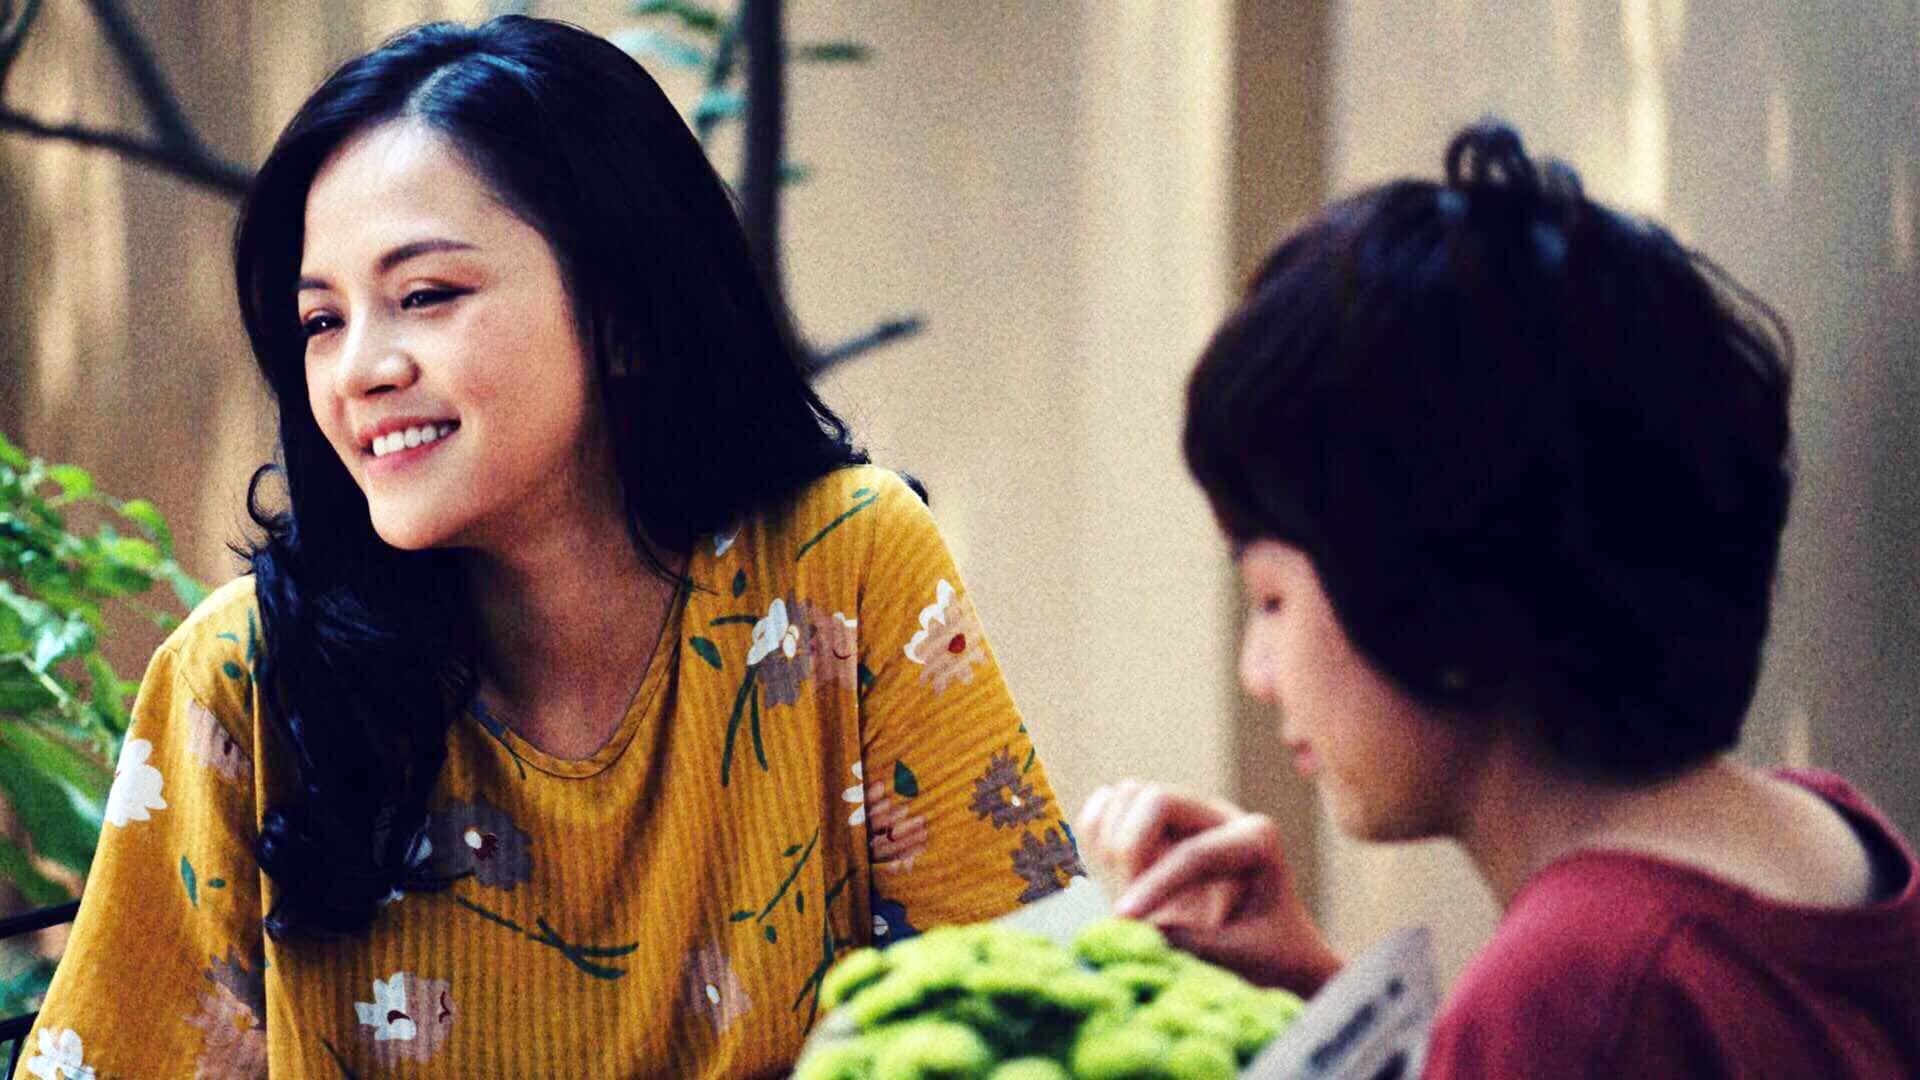 Diễn viên Thu Quỳnh (vai Huệ) lại lấy 1 câu trong đoạn kết phim để thay lời muốn nói: